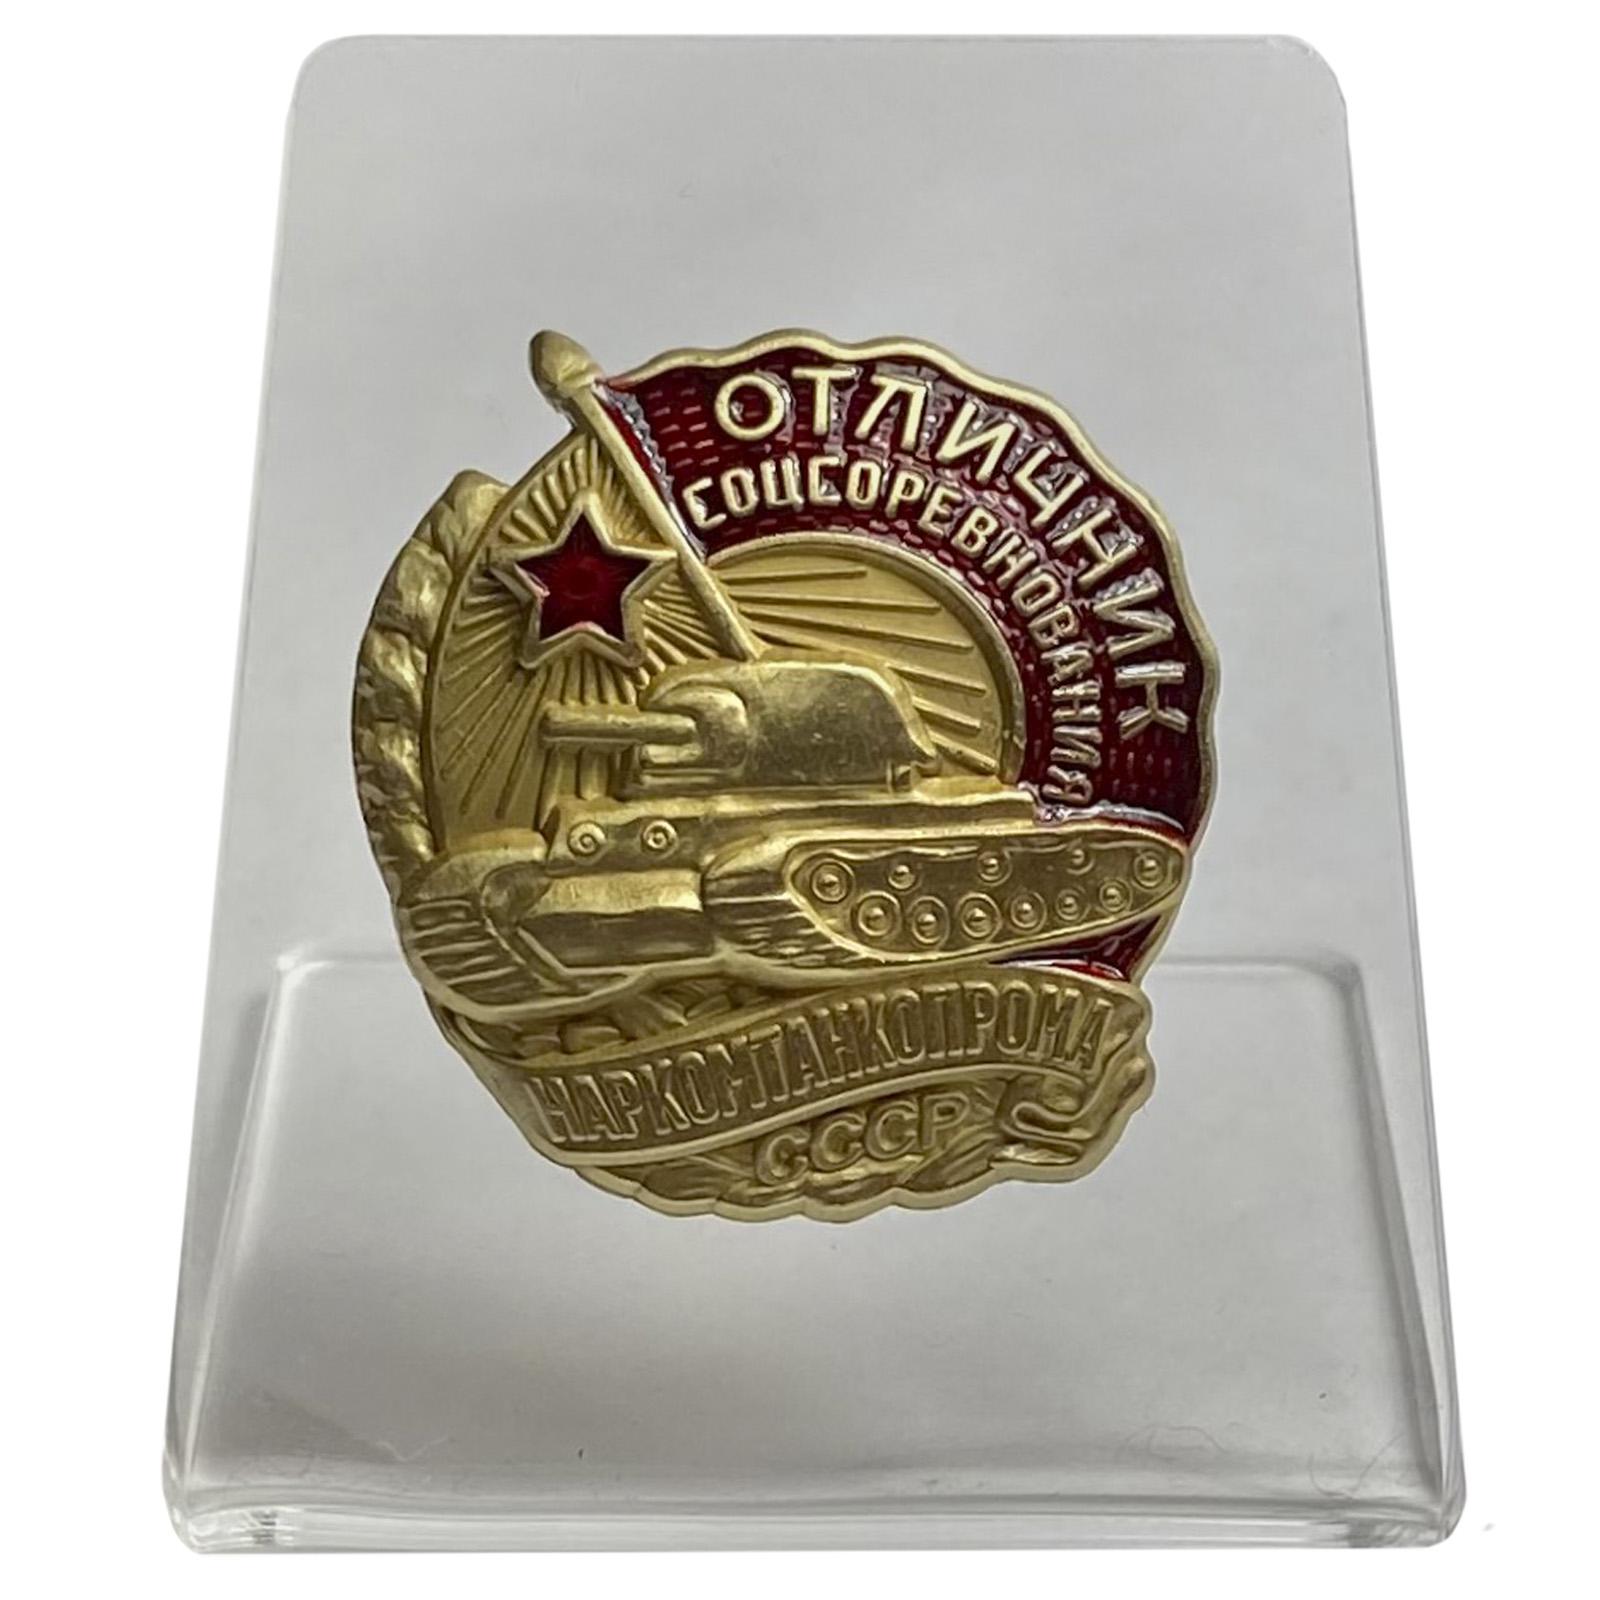 Нагрудный знак Отличник соцсоревнования Наркомтанкопрома СССР на подставке